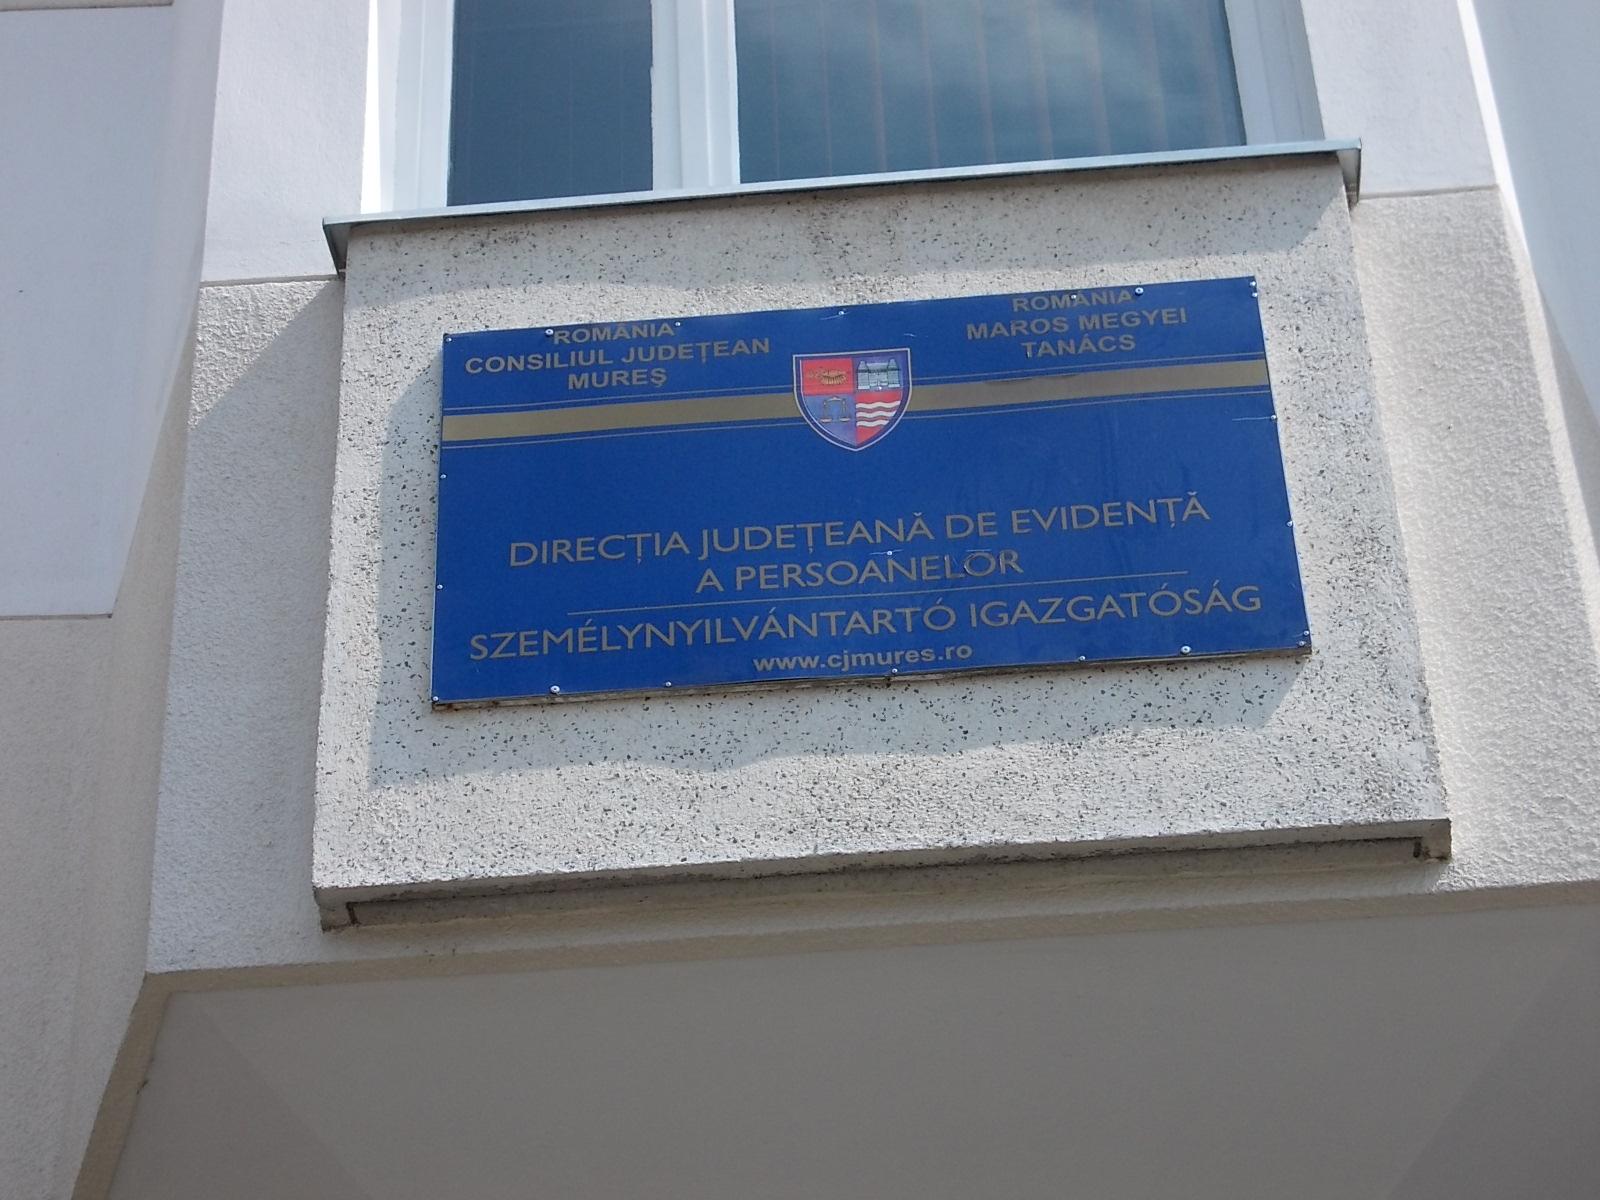 Studenţii tîrgumureşeni au obligaţia să-şi stabilească reşedinţa în municipiu